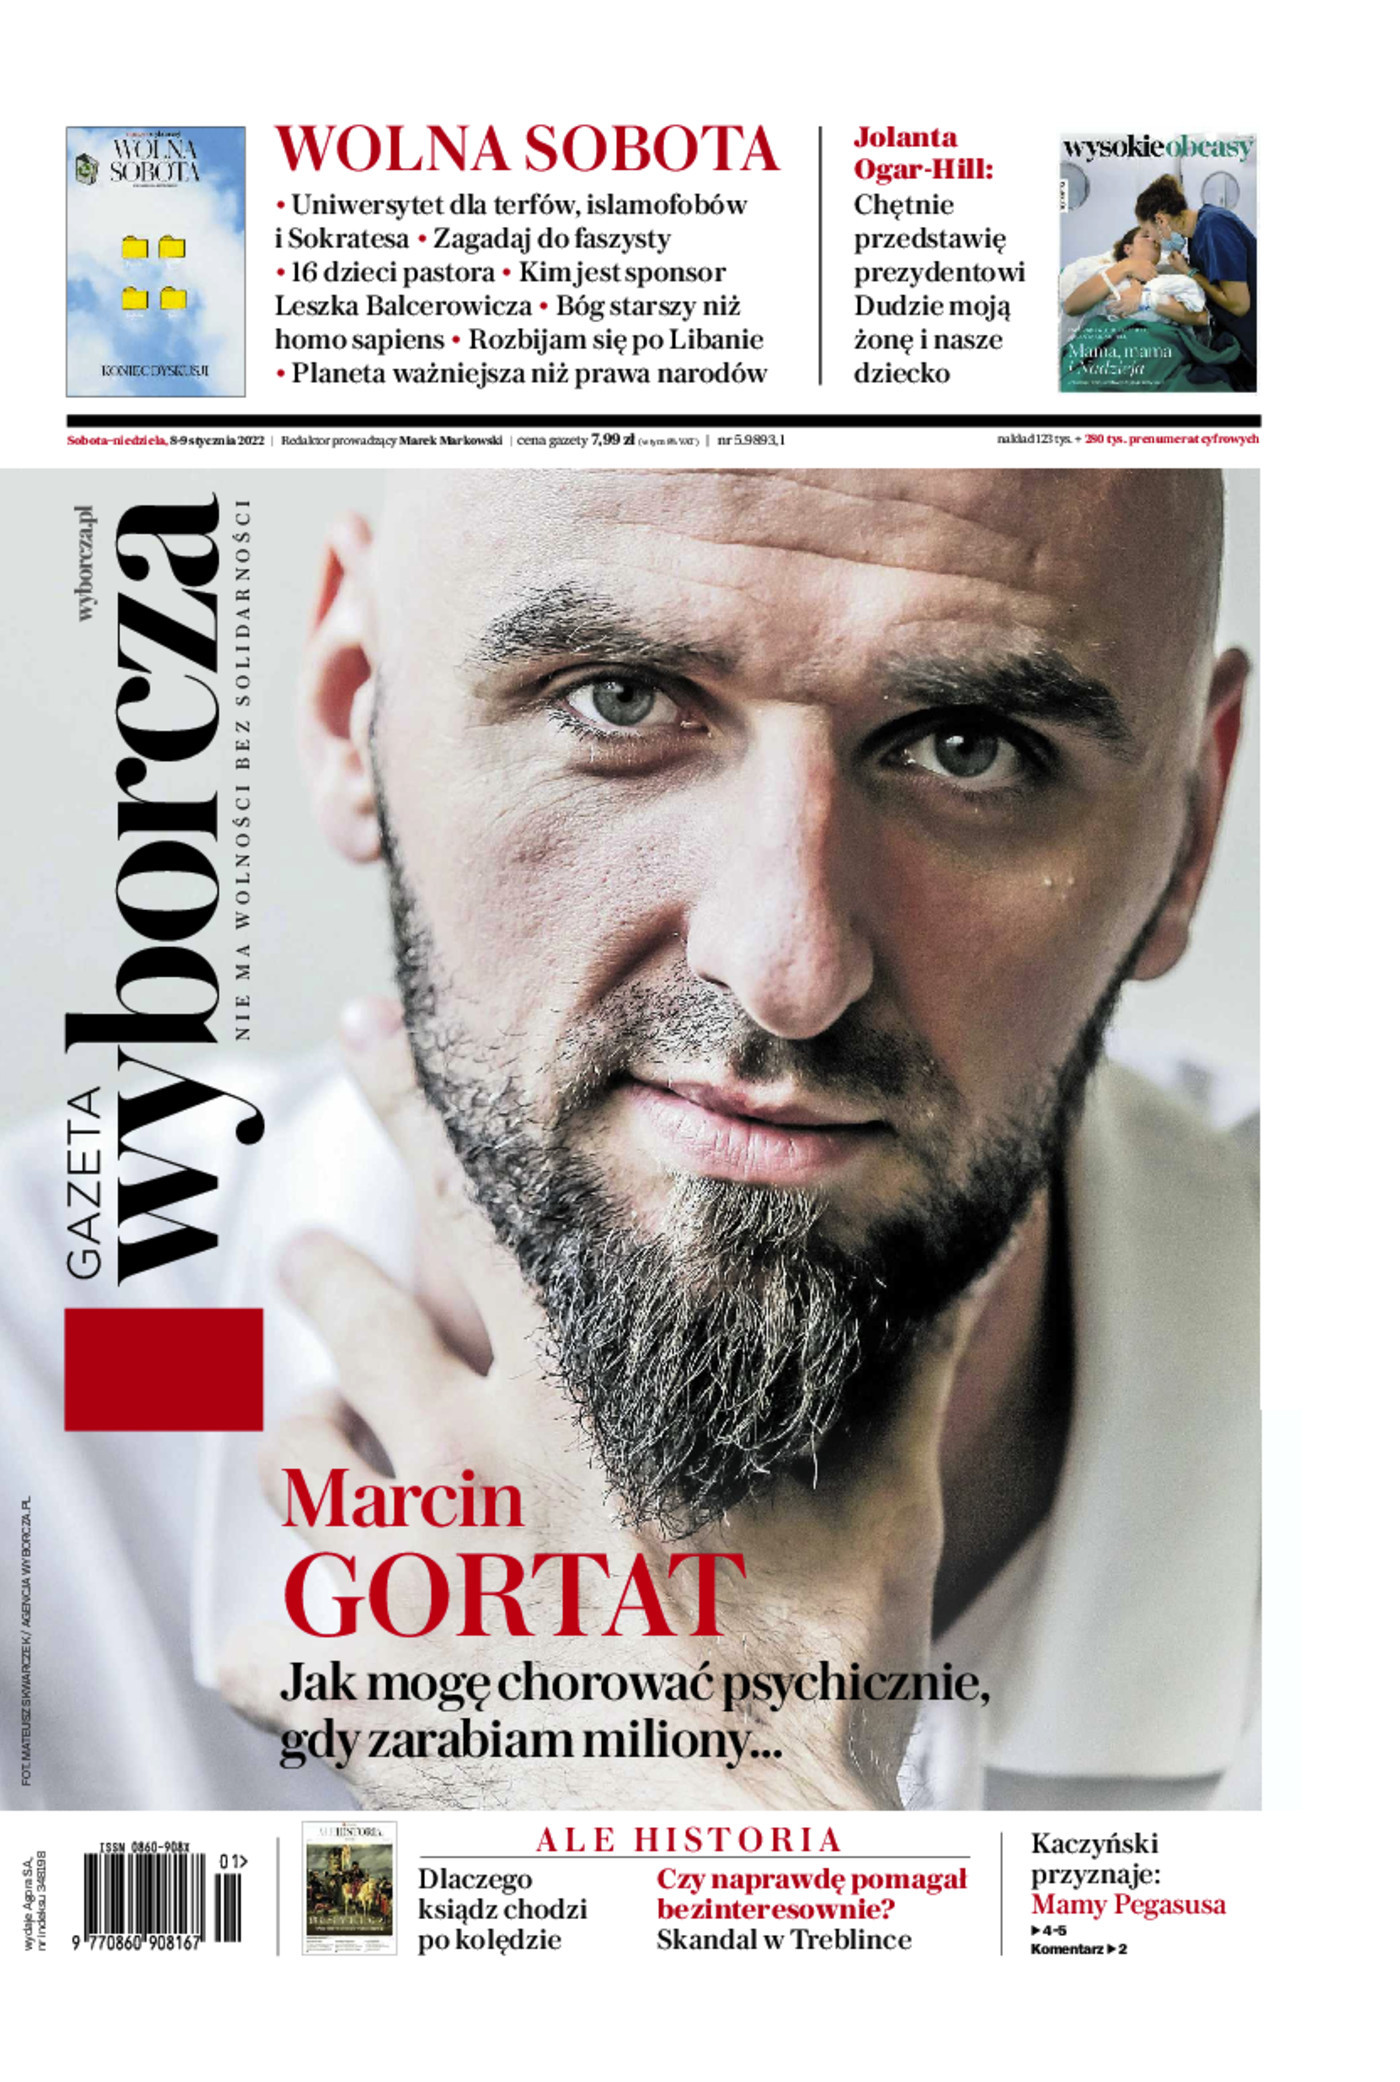 Gazeta Wyborcza Tr�jmiasto ( Gda�sk, Gdynia, Sopot ) - ePrasa, dziennik, czasopismo spo�eczno-informacyjne, polityka, gospodarka, biznes